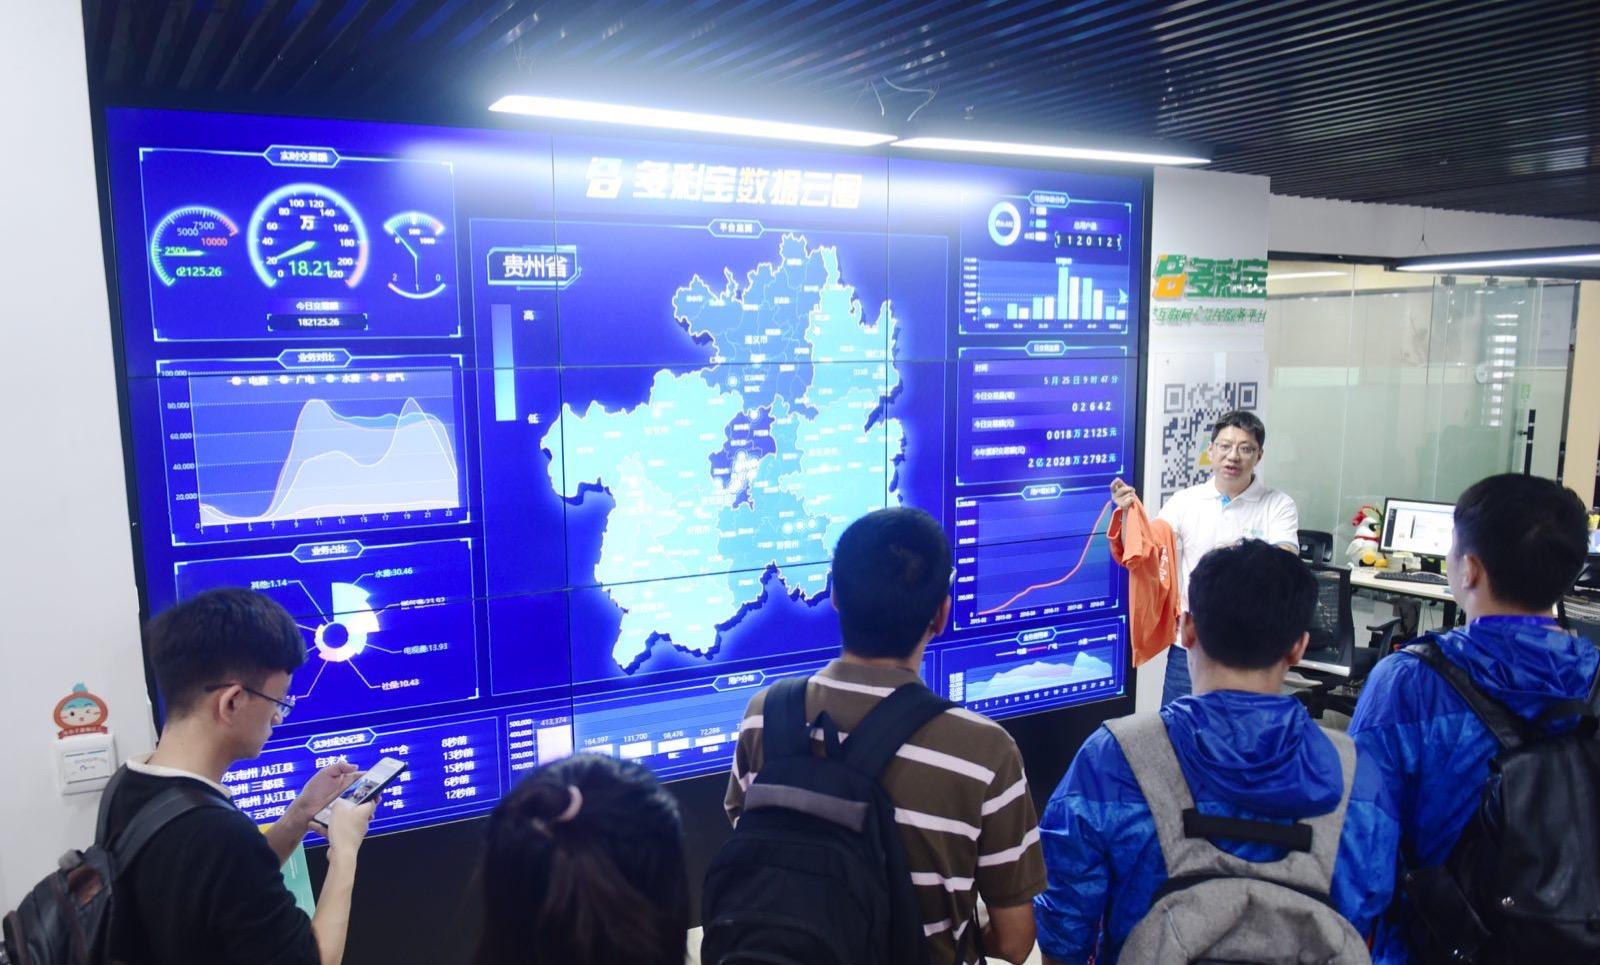 【壮阔东方潮奋进新时代】大数据助力民生服务 数据多跑路百姓不跑腿